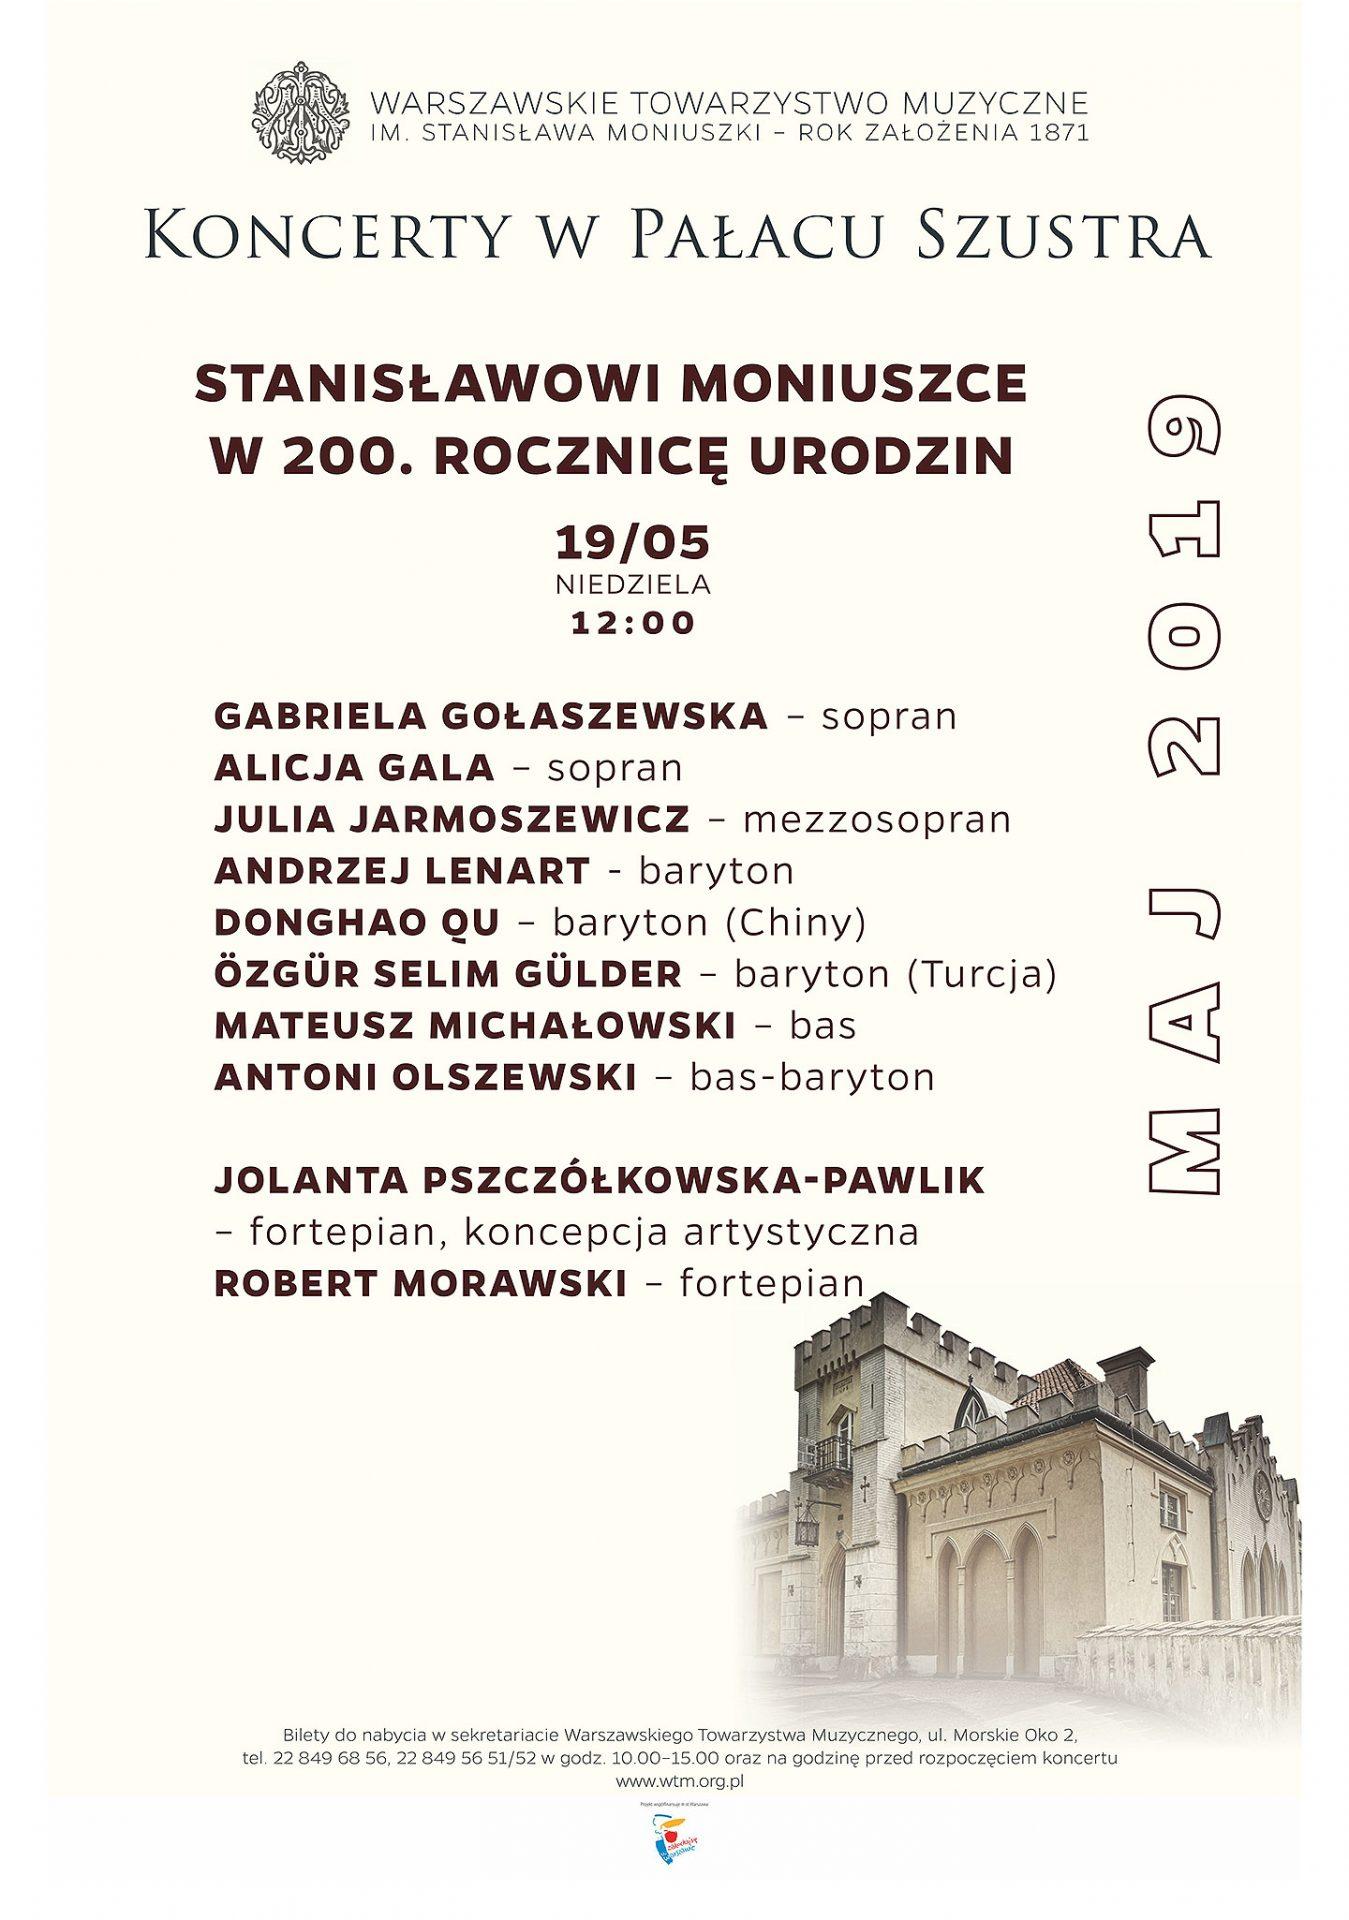 Warszawskie Towarzystwo Muzyczne im.S.Moniuszki-koncert 19.05.2019